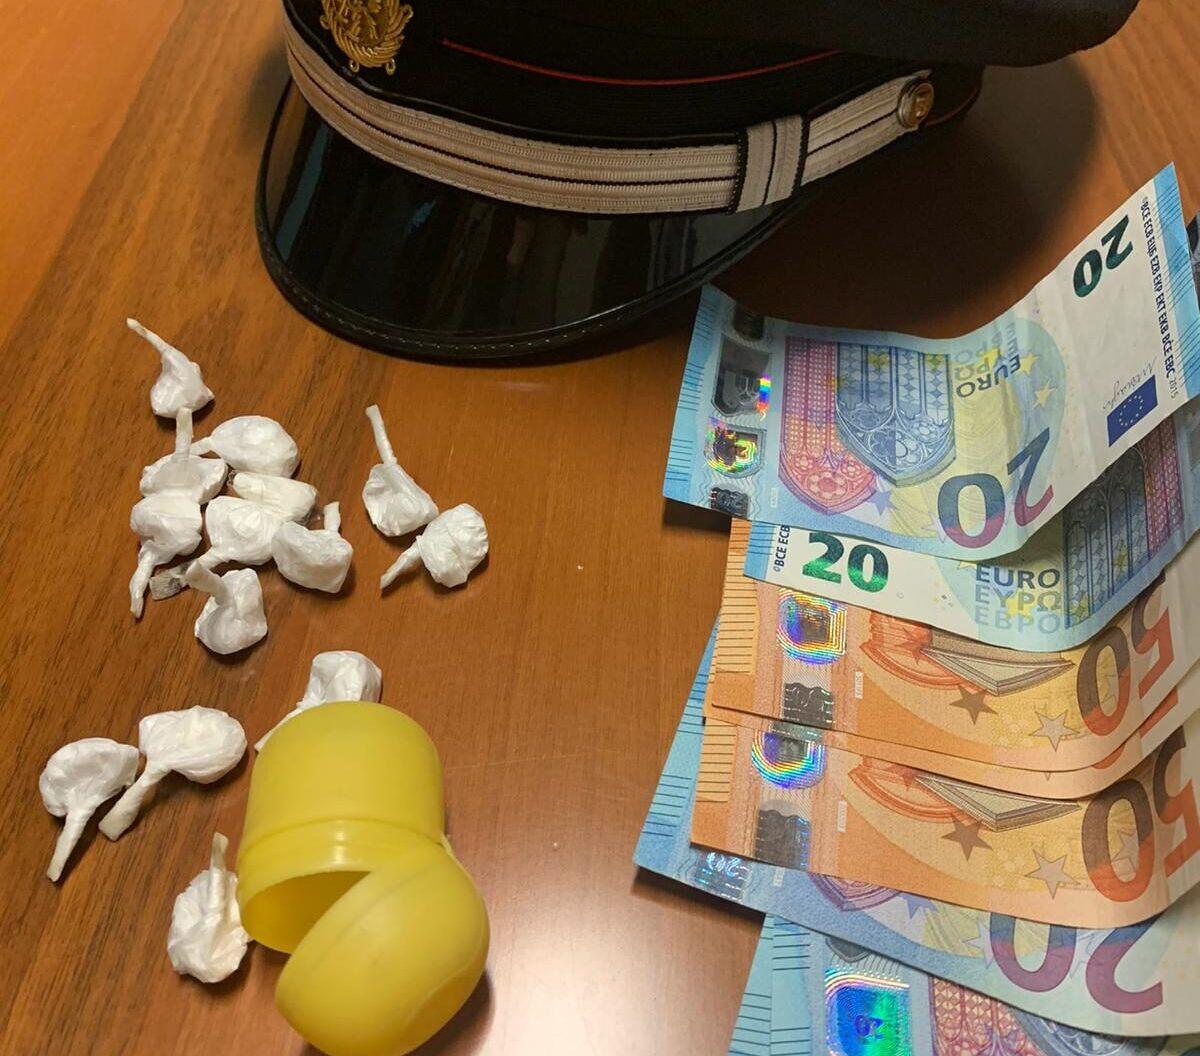 Cocaina negli ovetti Kinder, arrestato venticinquenne